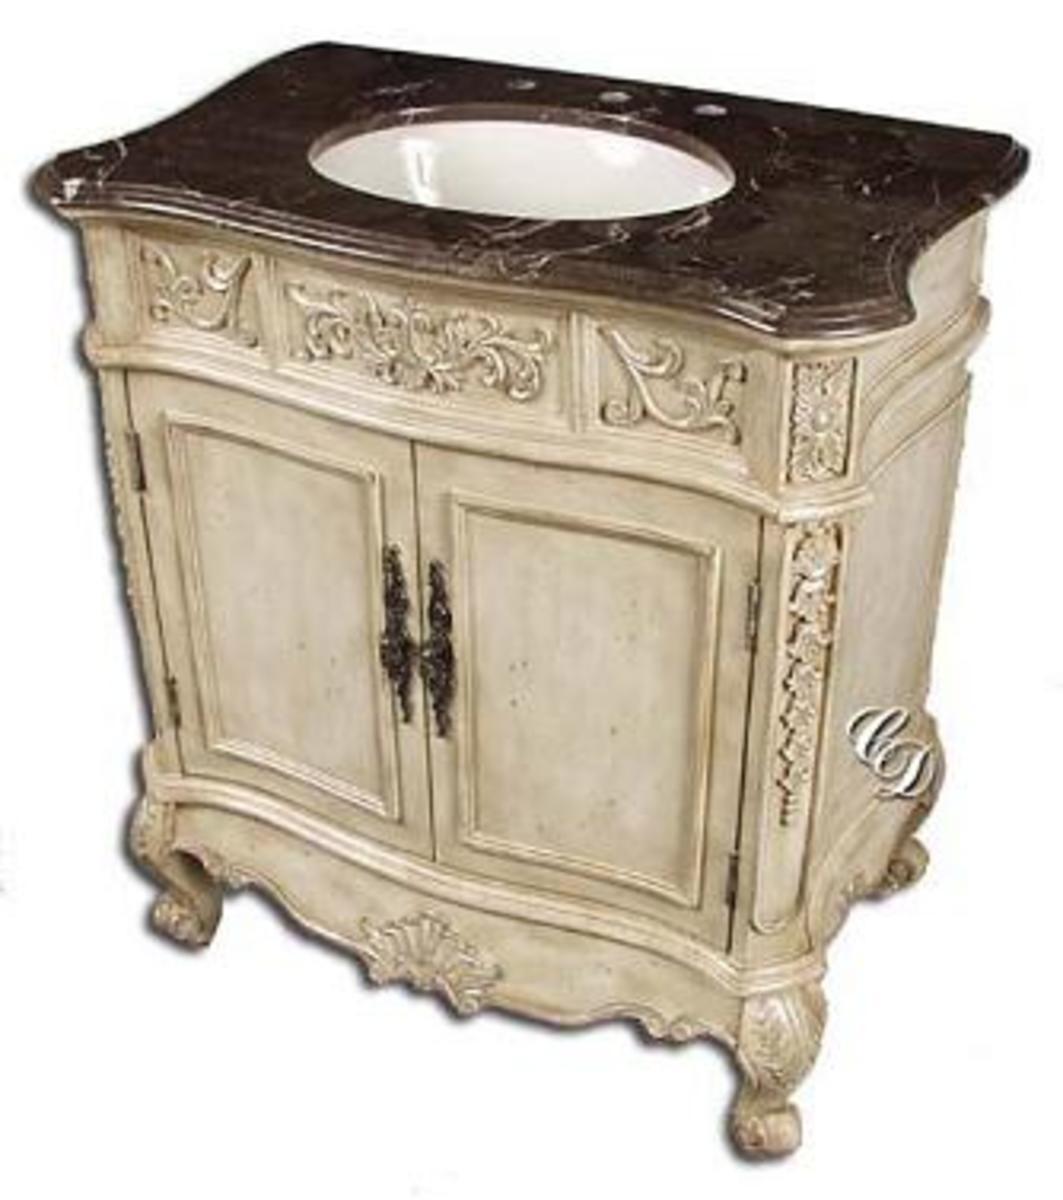 A vanity sink